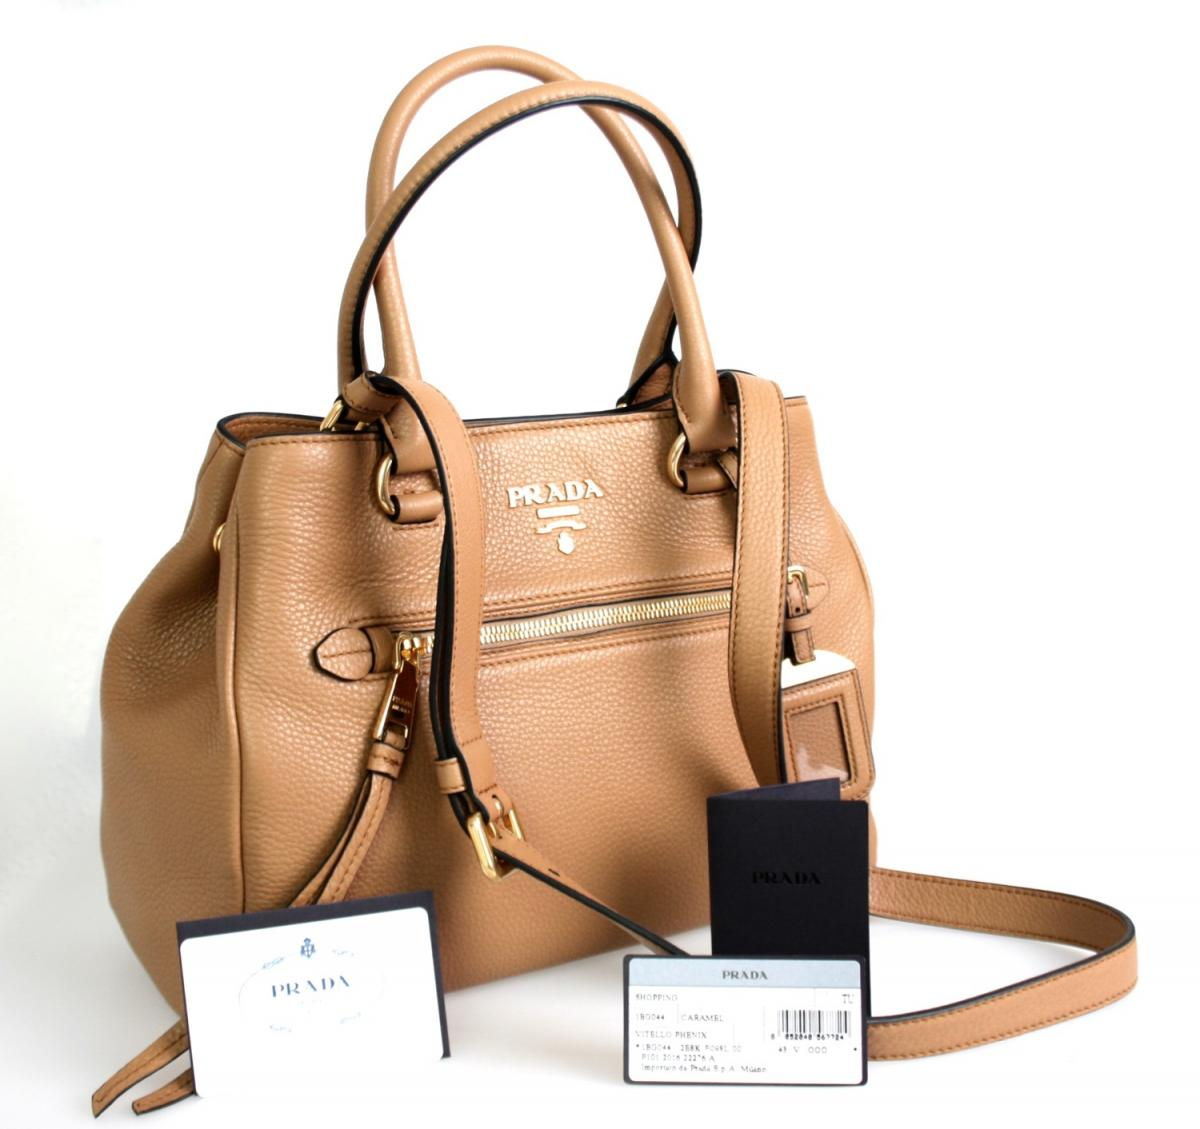 luxus prada schulter tasche handtasche 1bg044 caramel neu. Black Bedroom Furniture Sets. Home Design Ideas